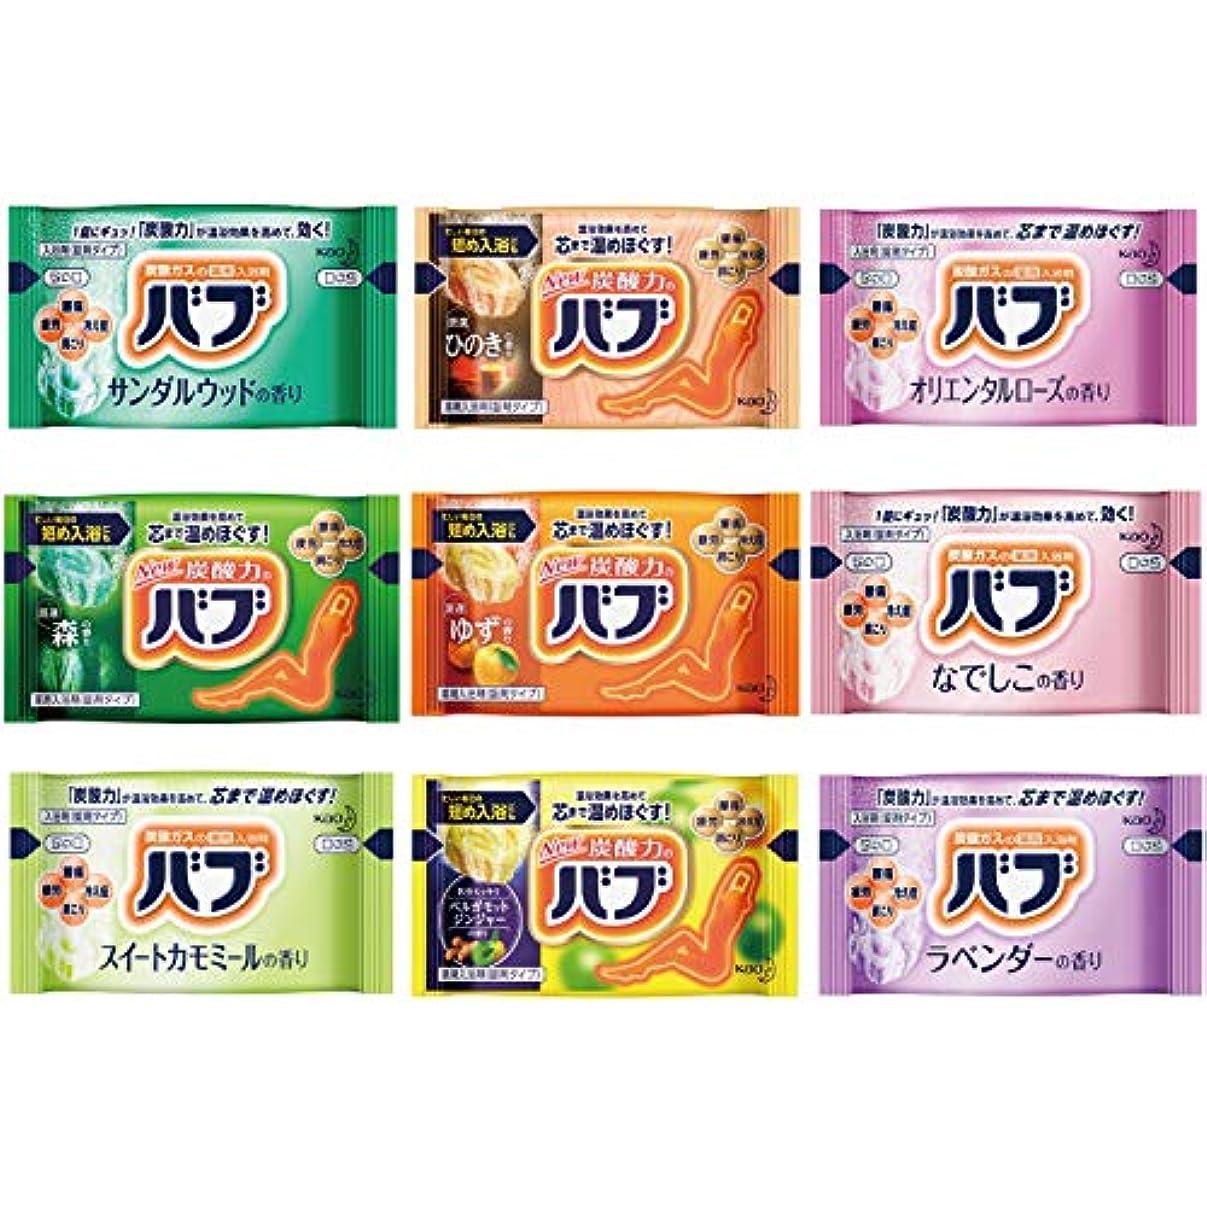 ジュニアキリマンジャロメール花王 バブ 入浴剤セット 9種類の香り 36錠(9種類x4錠)